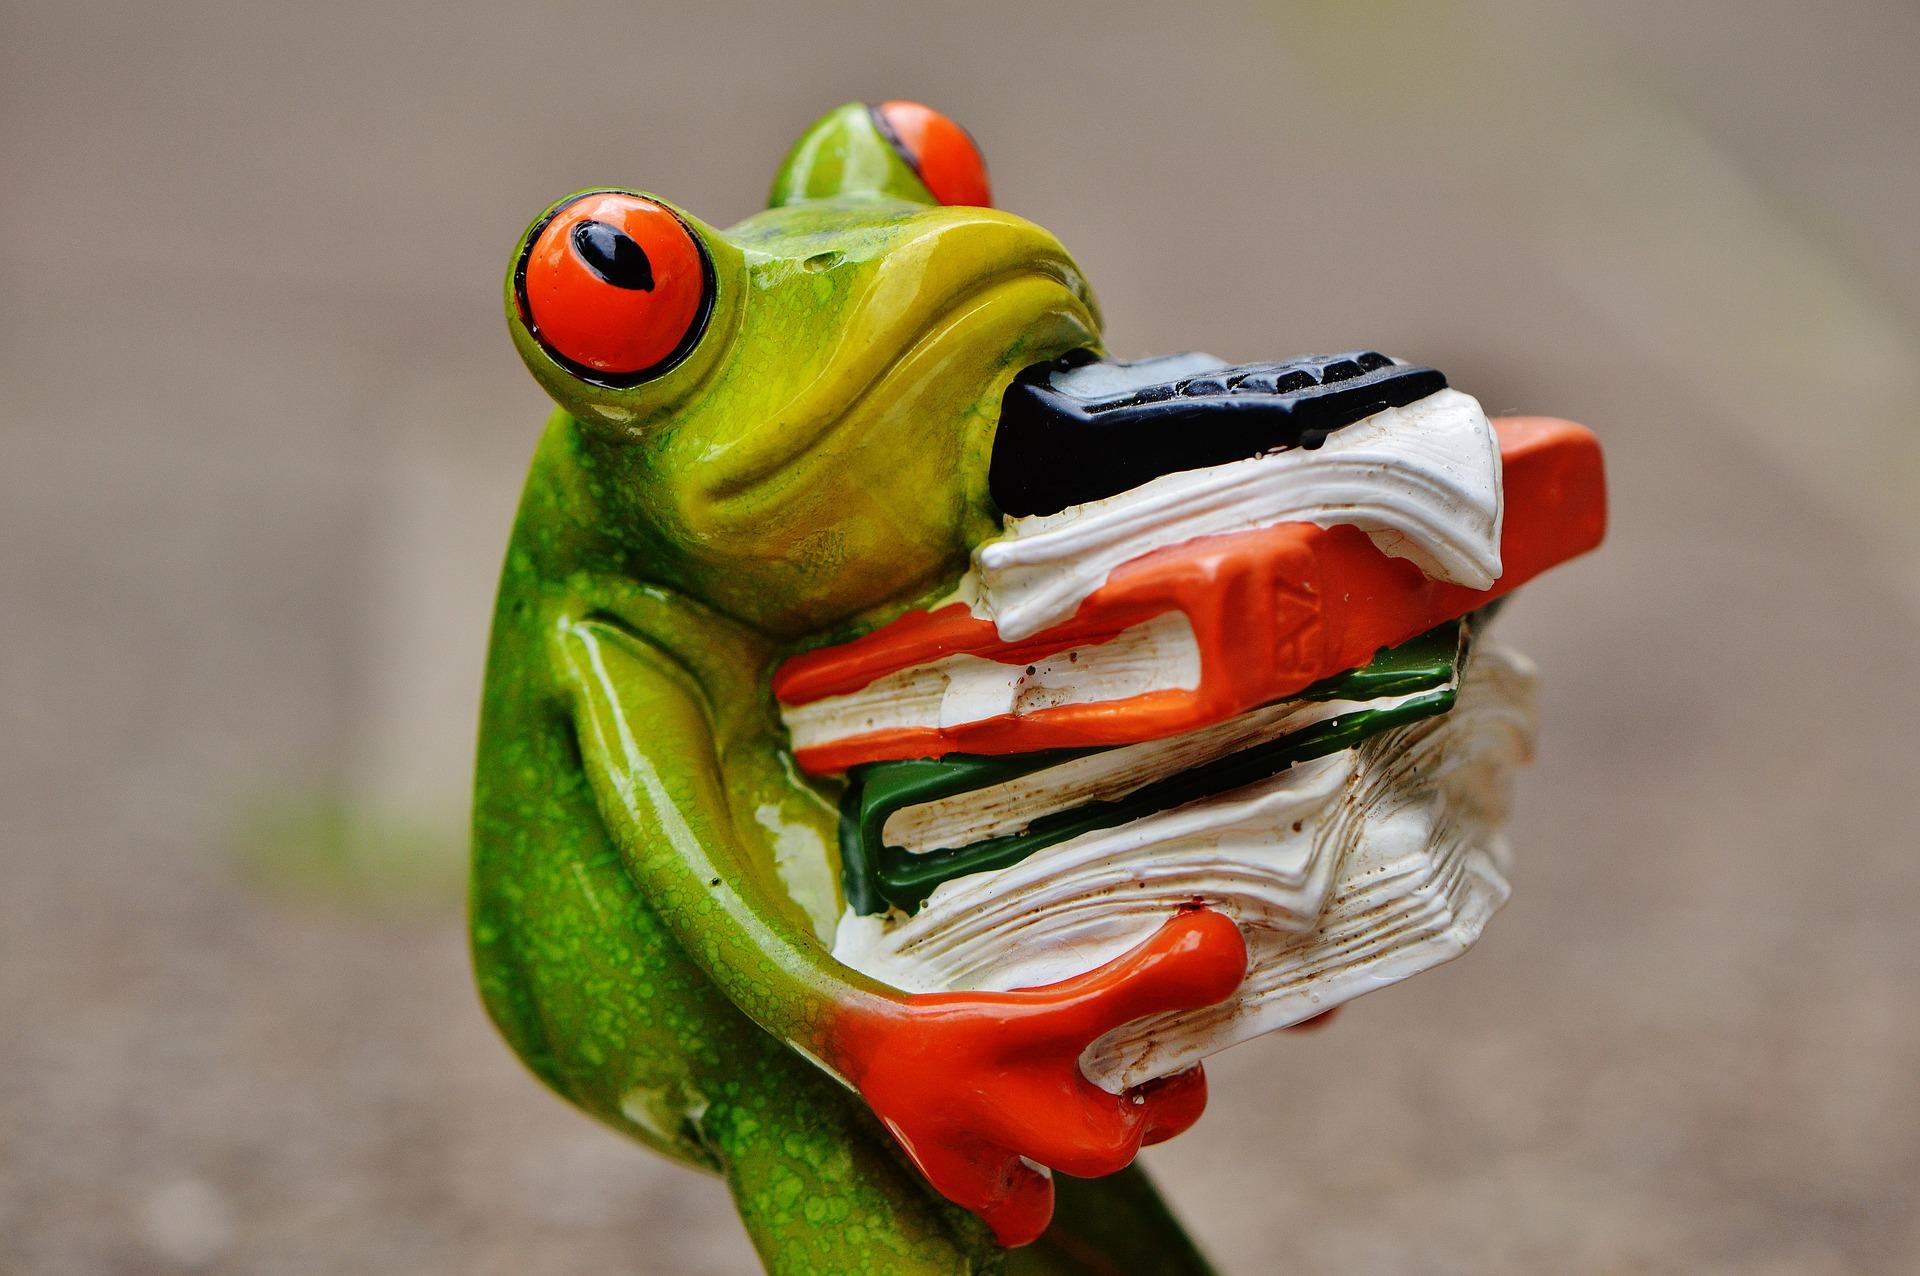 Image d'illustration présentant une grenouille portant une pile de livre au sommet de laquelle se trouve une calculatrice.